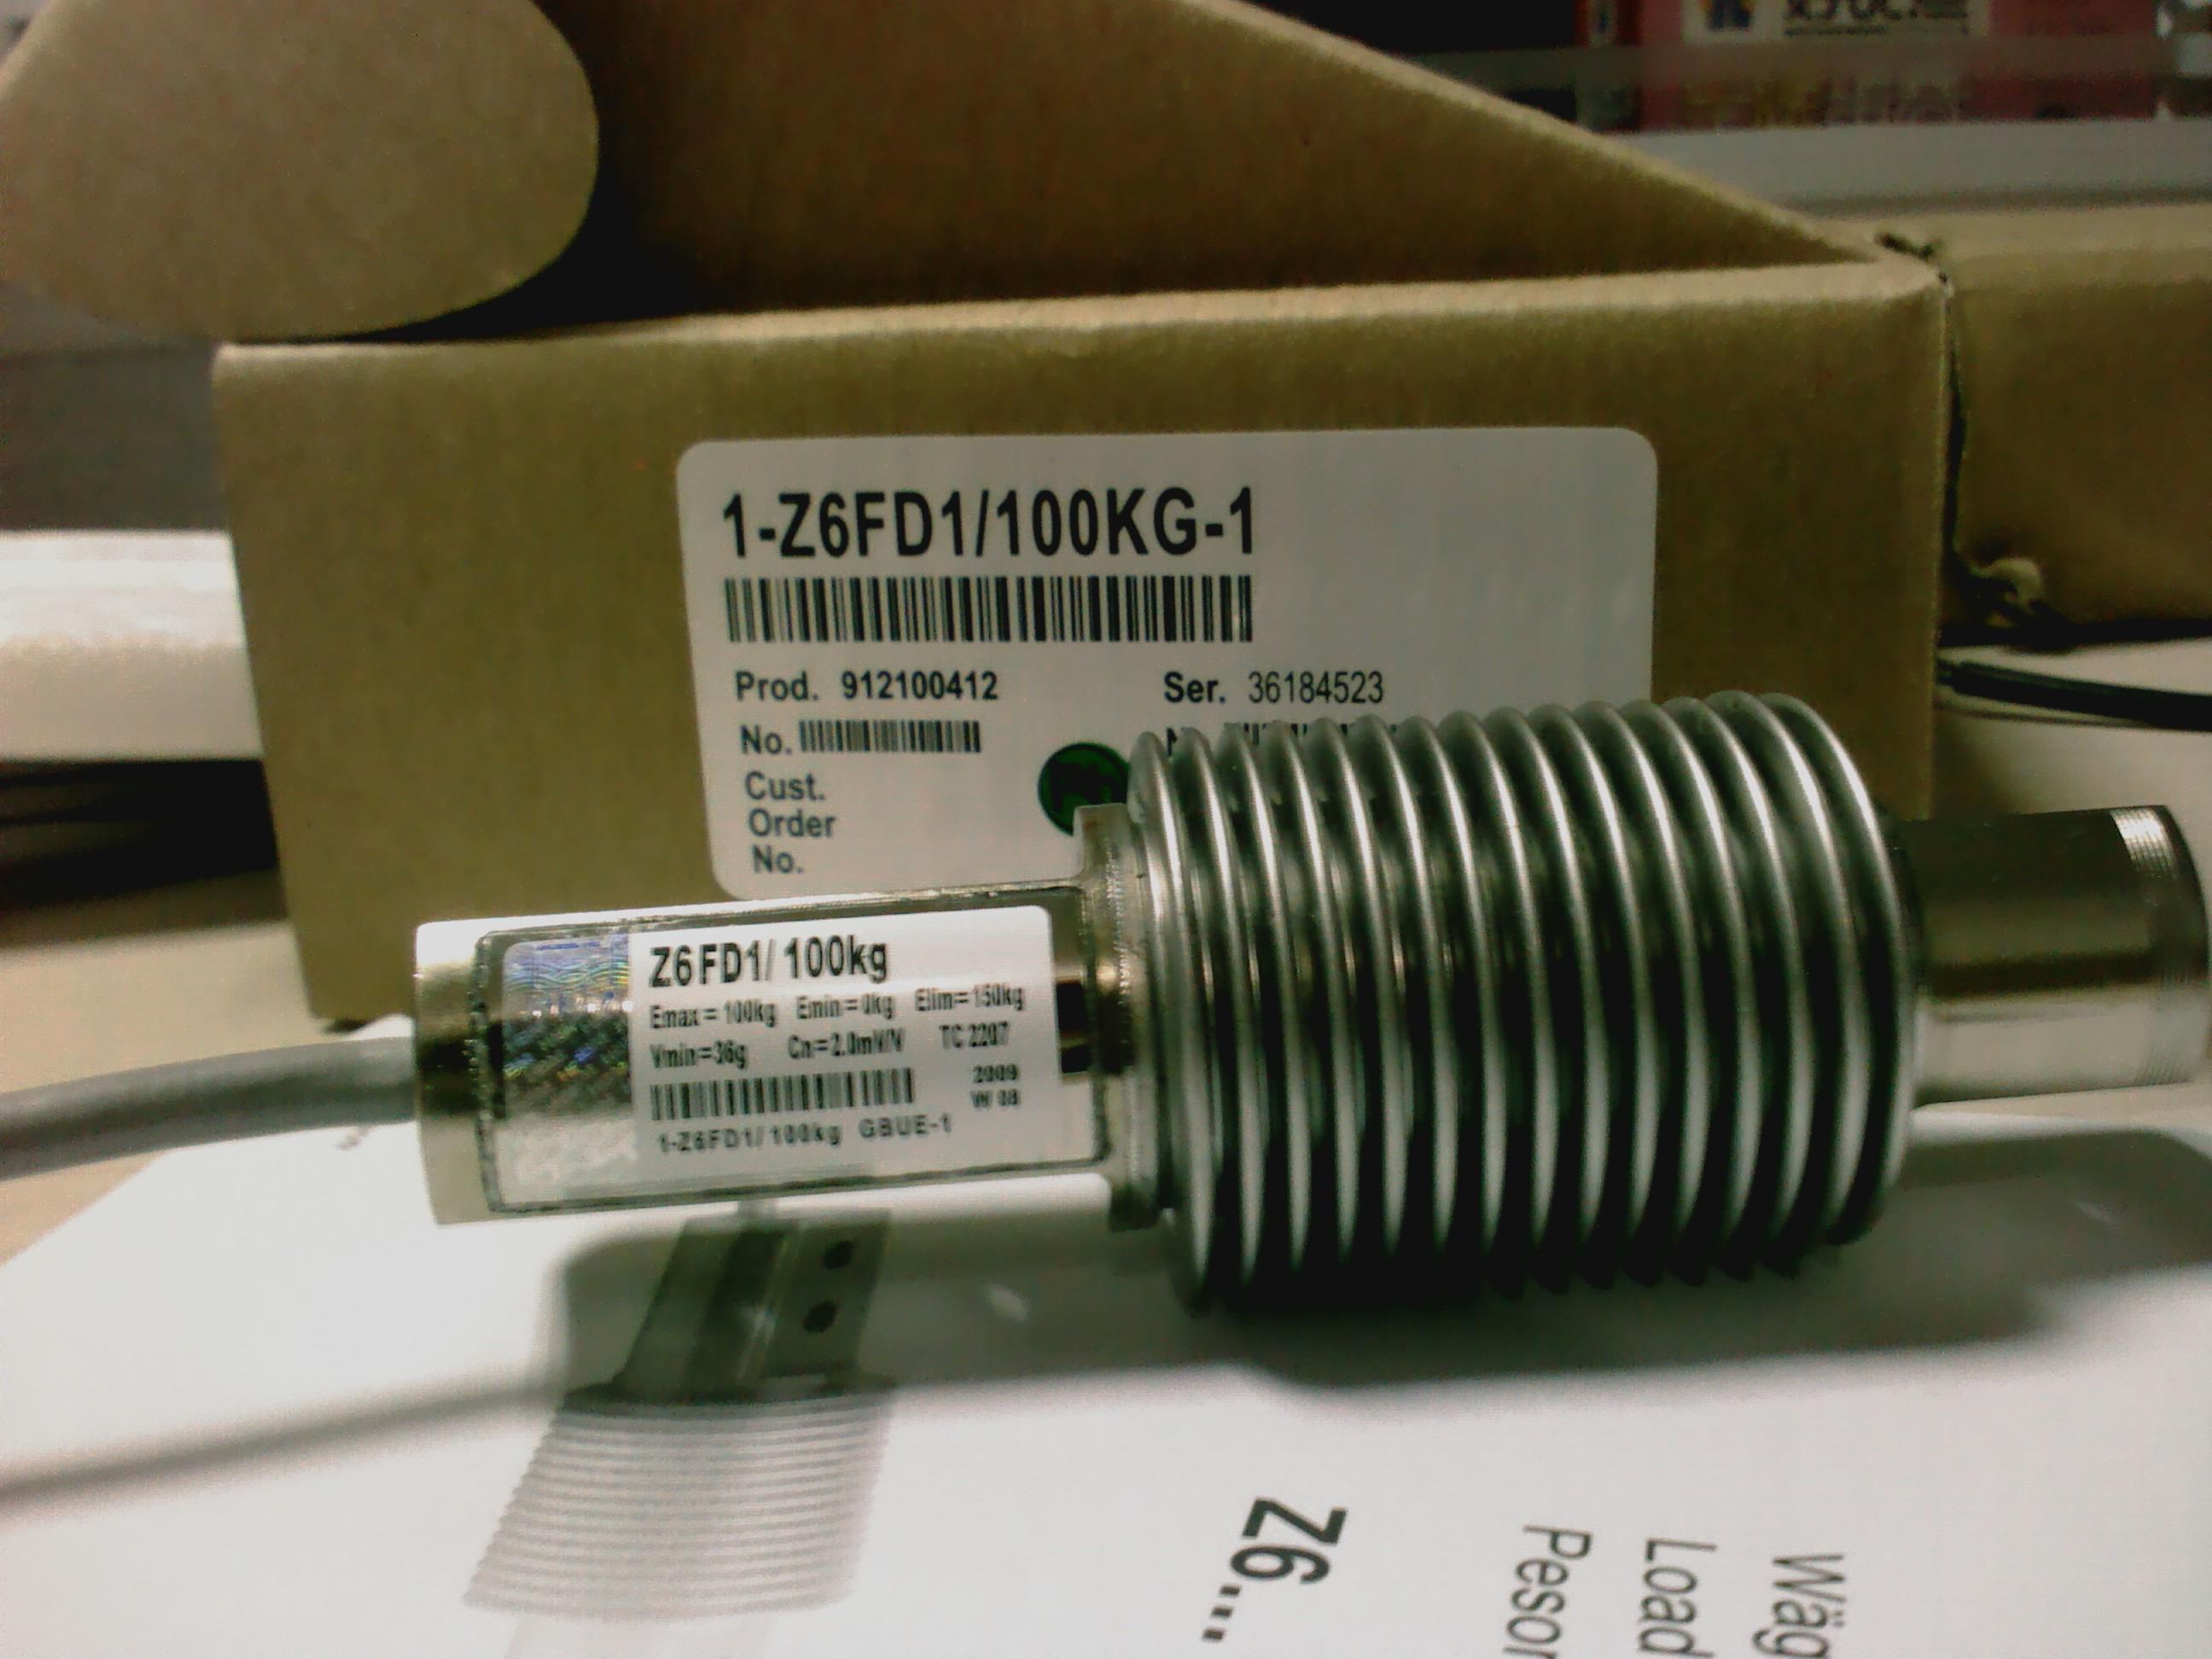 称重传感器 特性:波纹管焊接不锈钢及安装附件由 (2592x1944); > z6fd